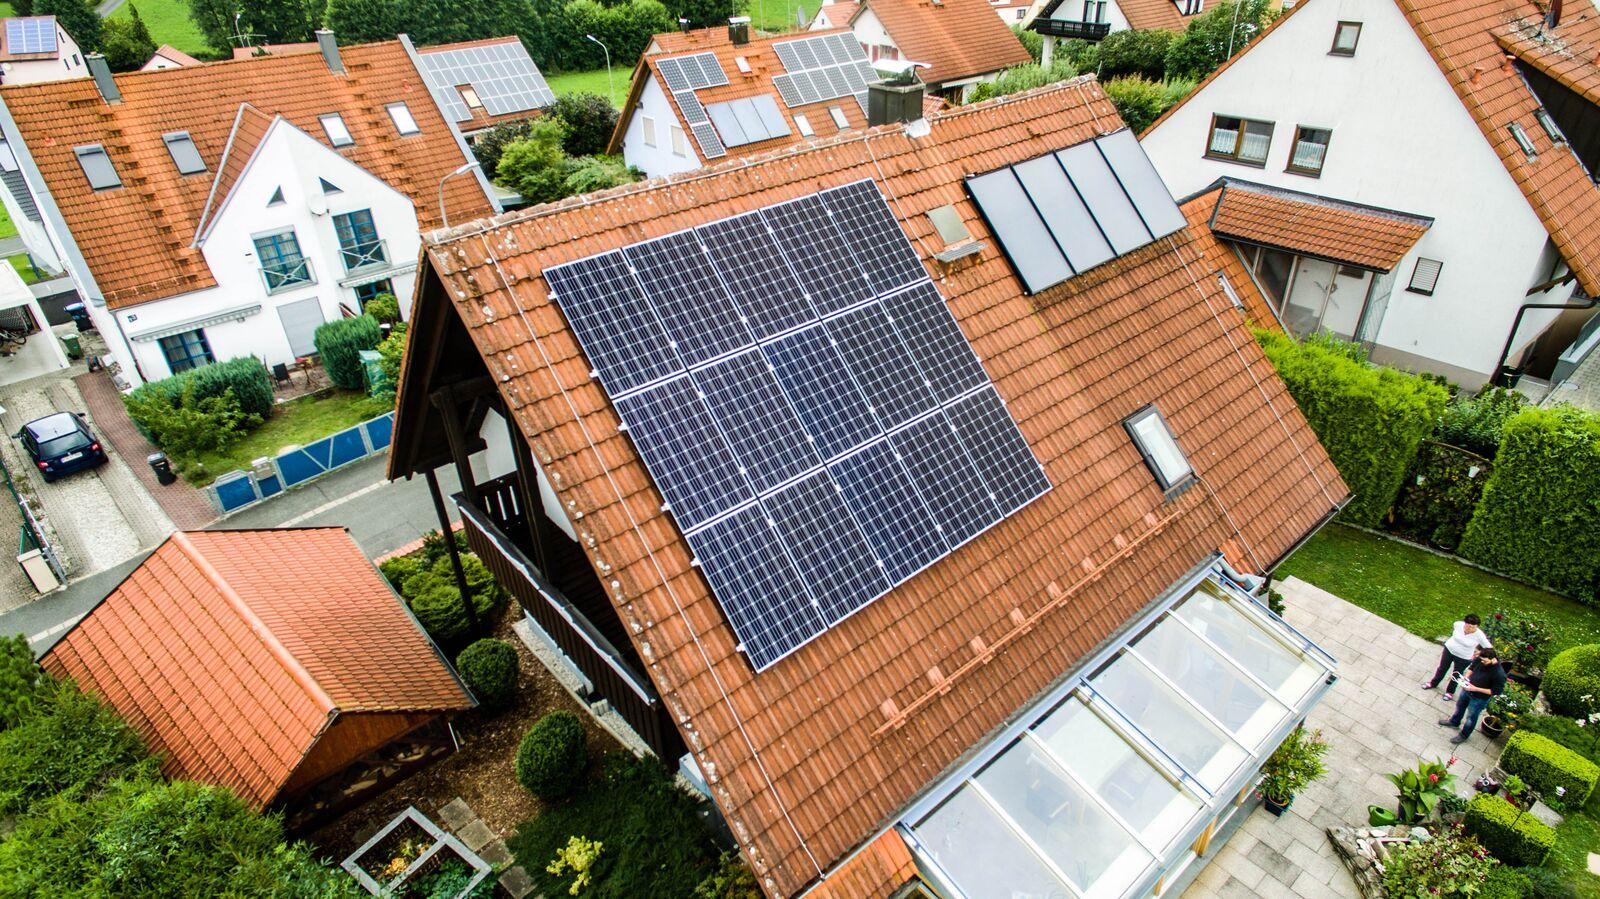 Wärmepumpe Erdwärme und Solar in Schnaittach Simmelsdorf und Hüttenbach